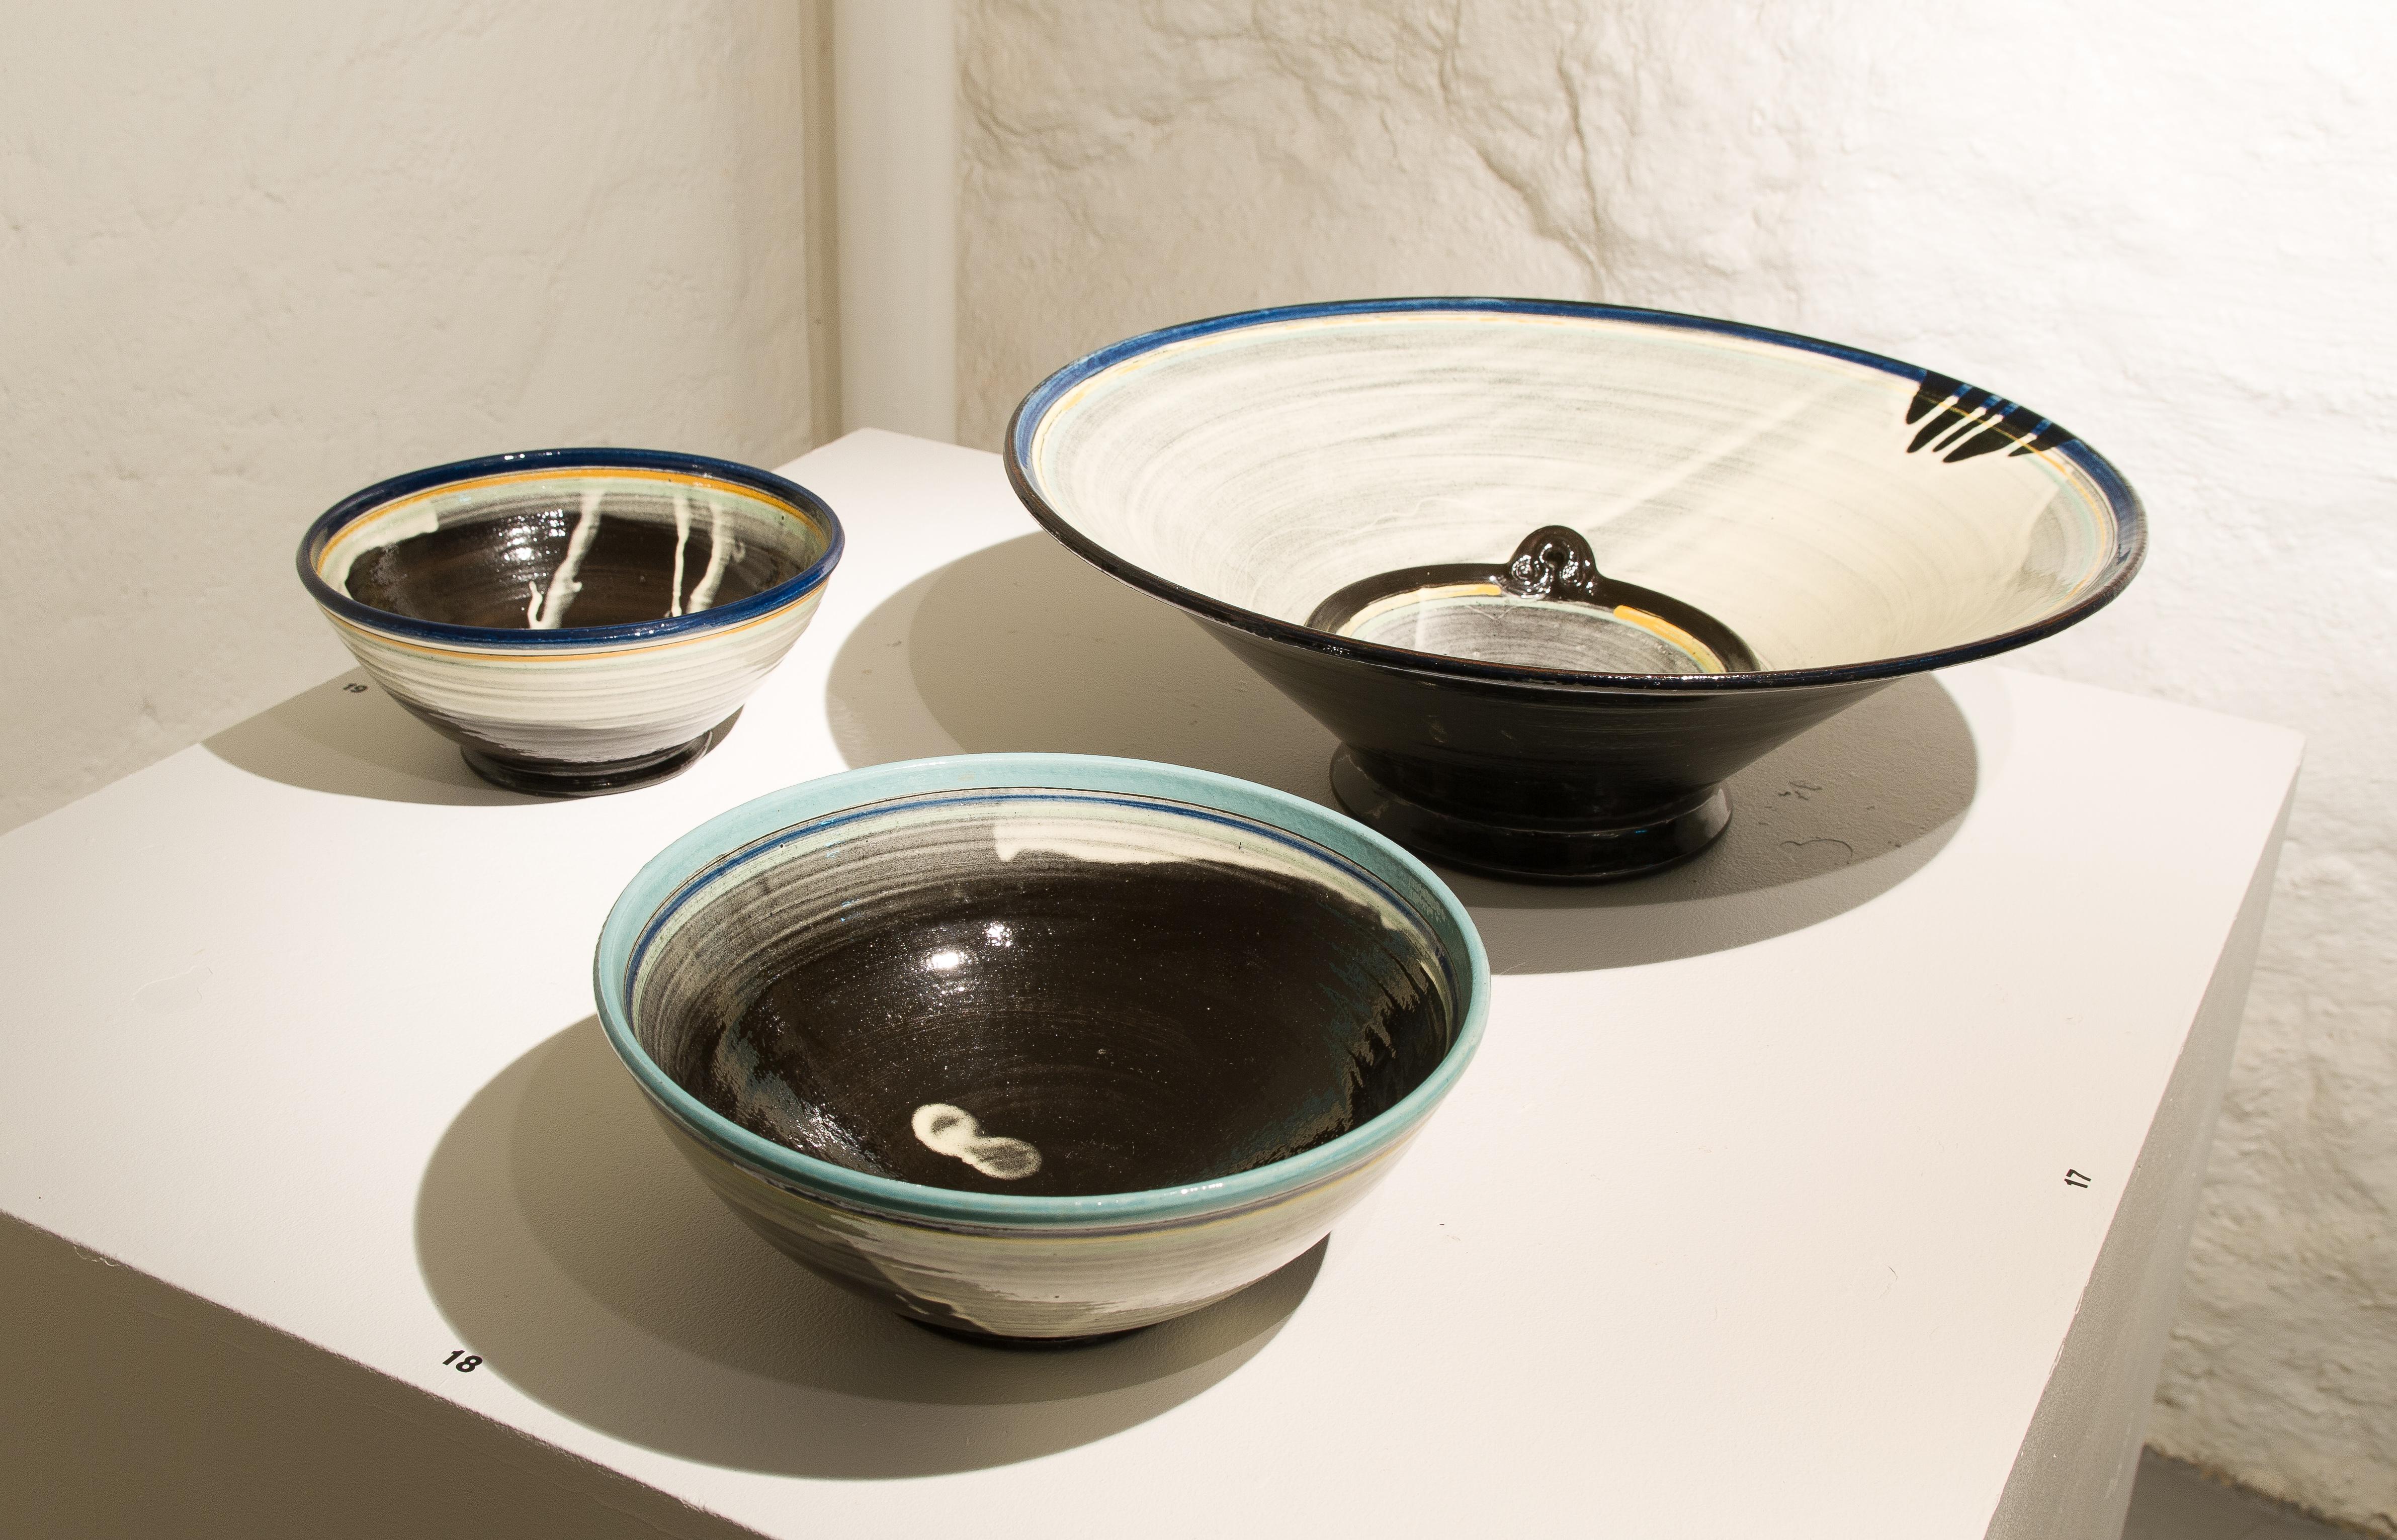 Dreieskive keramikk